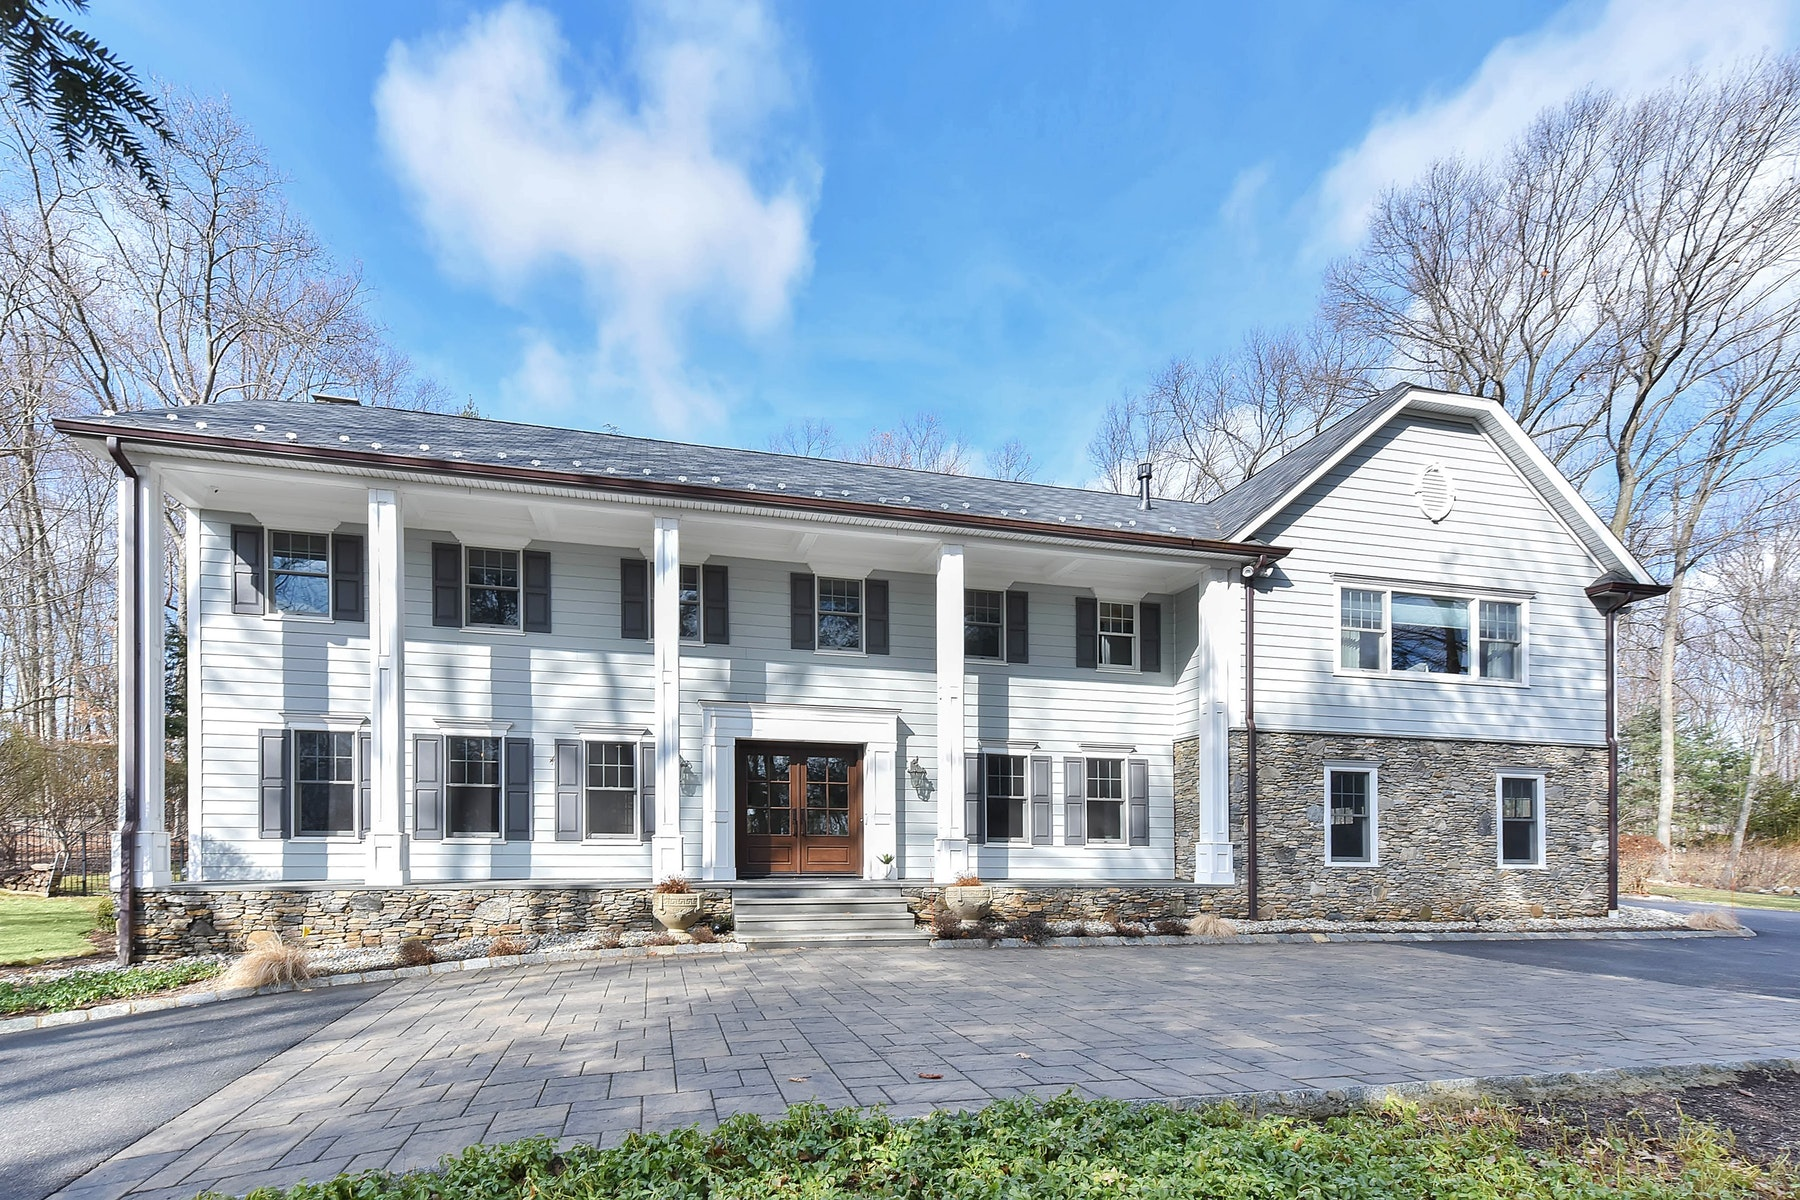 Casa Unifamiliar por un Venta en Exquisite Entertainer's Paradise ! 63 W Wildwood Rd, Saddle River, Nueva Jersey, 07458 Estados Unidos